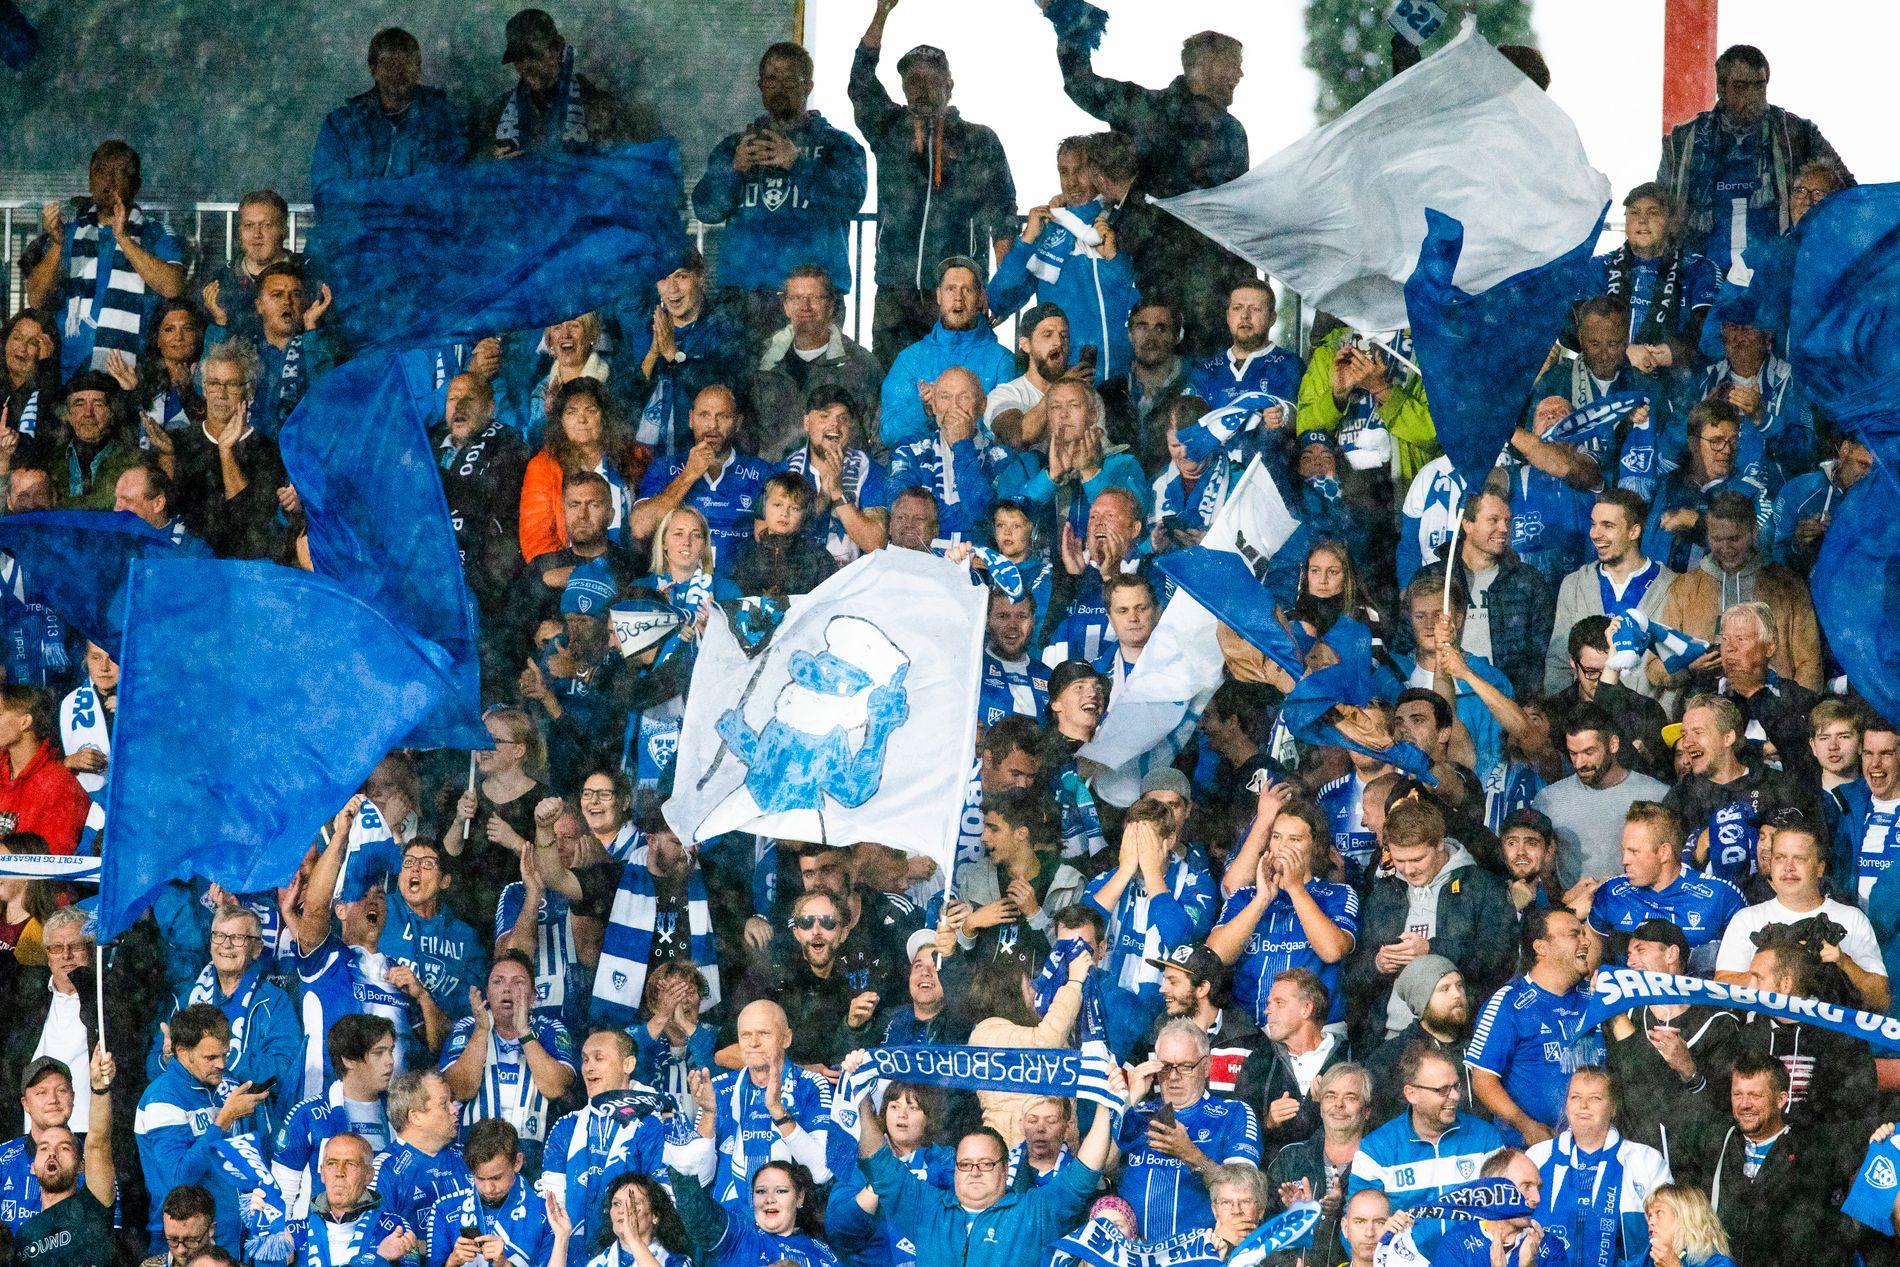 GÅR HJEM HOS «SÆRPINGENE»: Det har vært full Europacup-feber på Sarpsborg-stadion de siste ukene. Her fra hjemmeseieren mot Maccabi Tel Aviv.